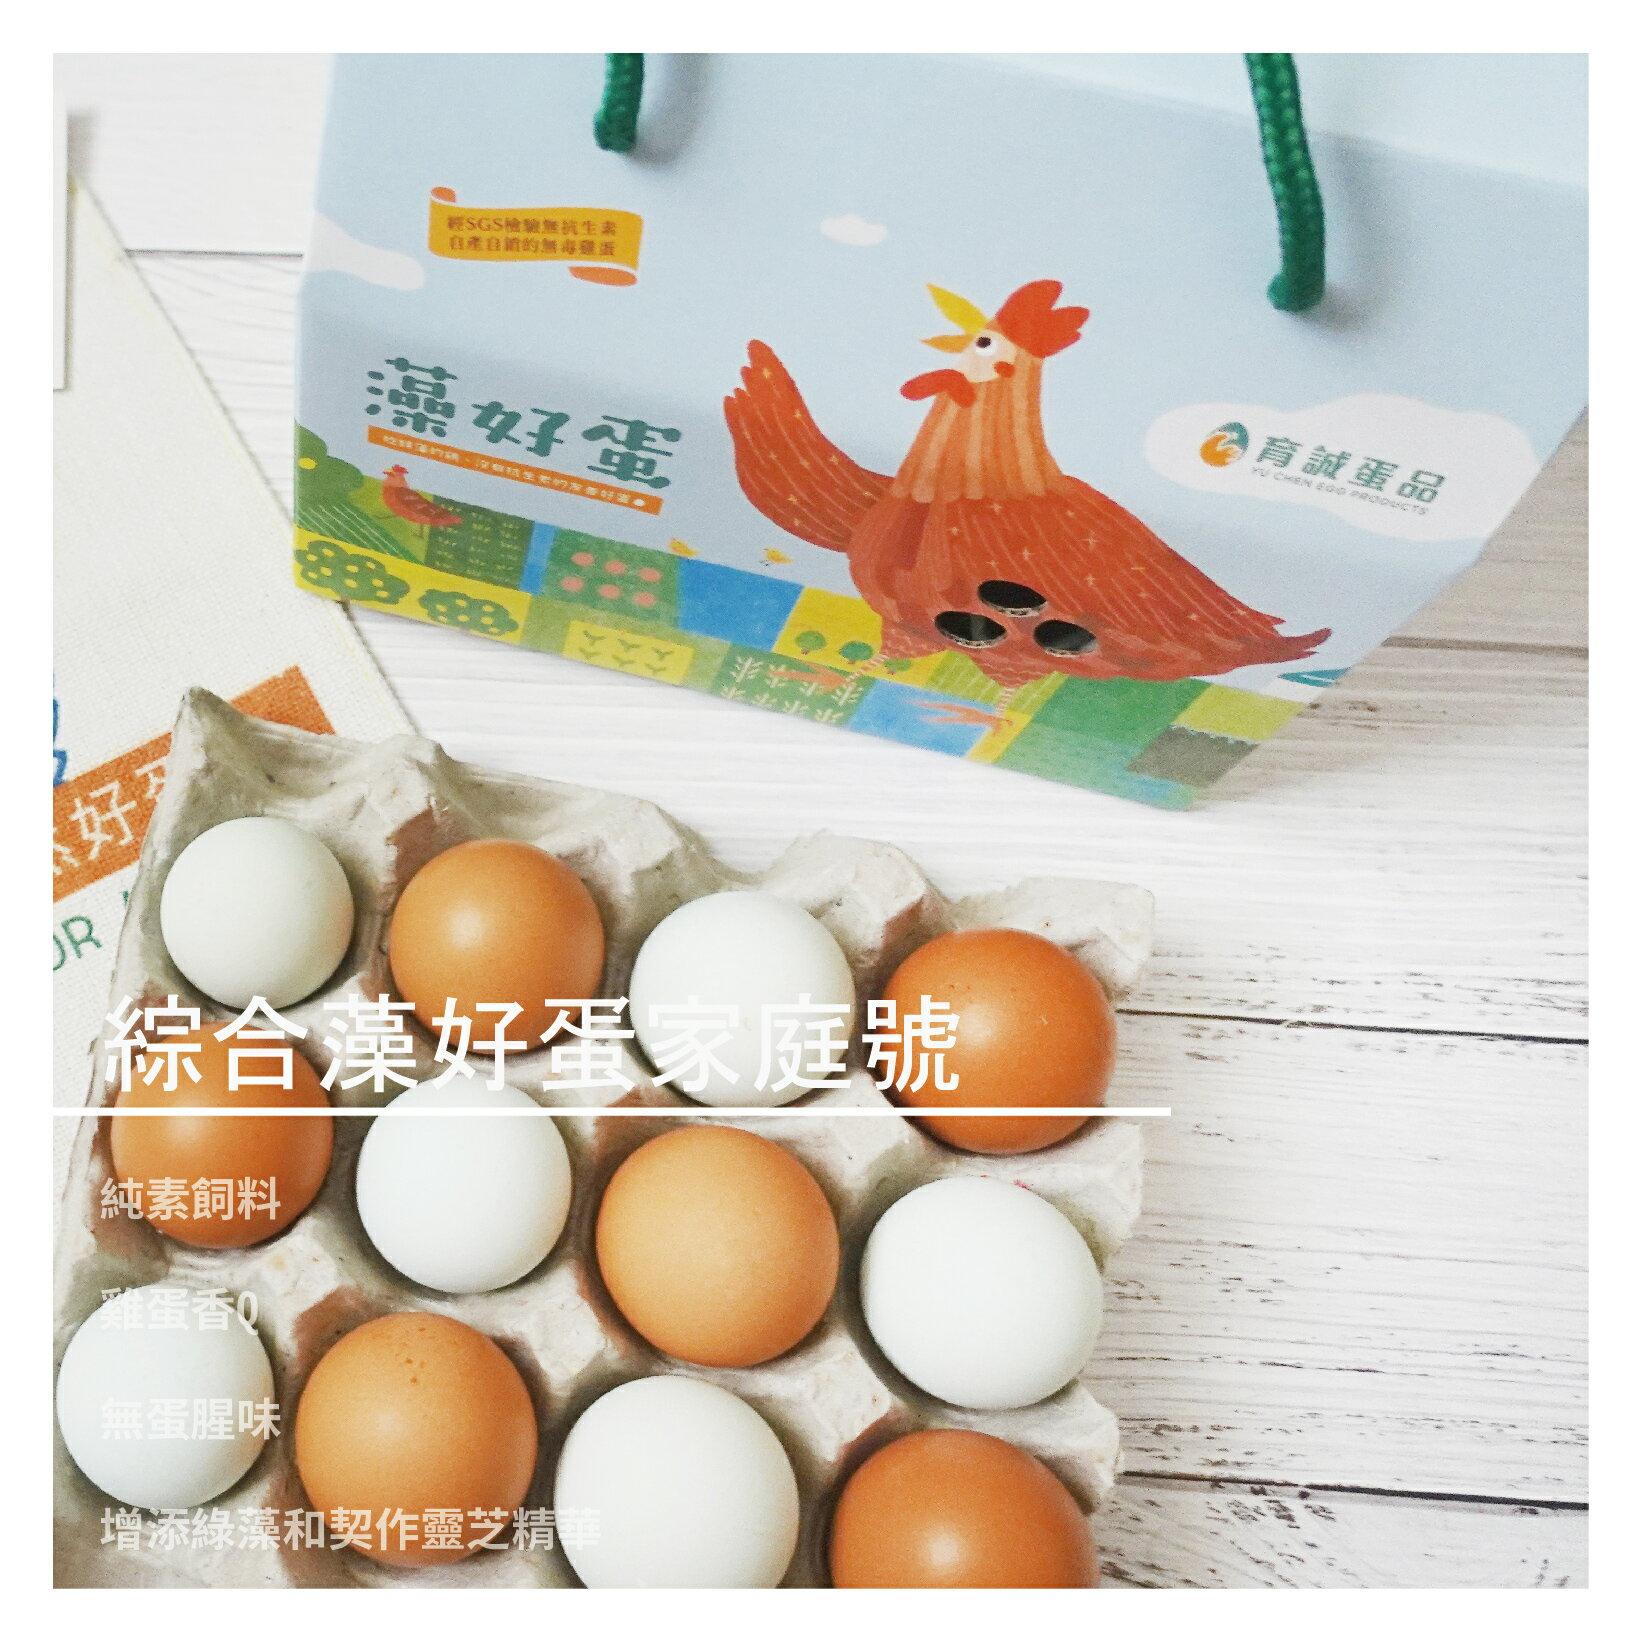 【育誠藻好蛋】綜合靈芝彩色蛋 家庭號 24入X4箱